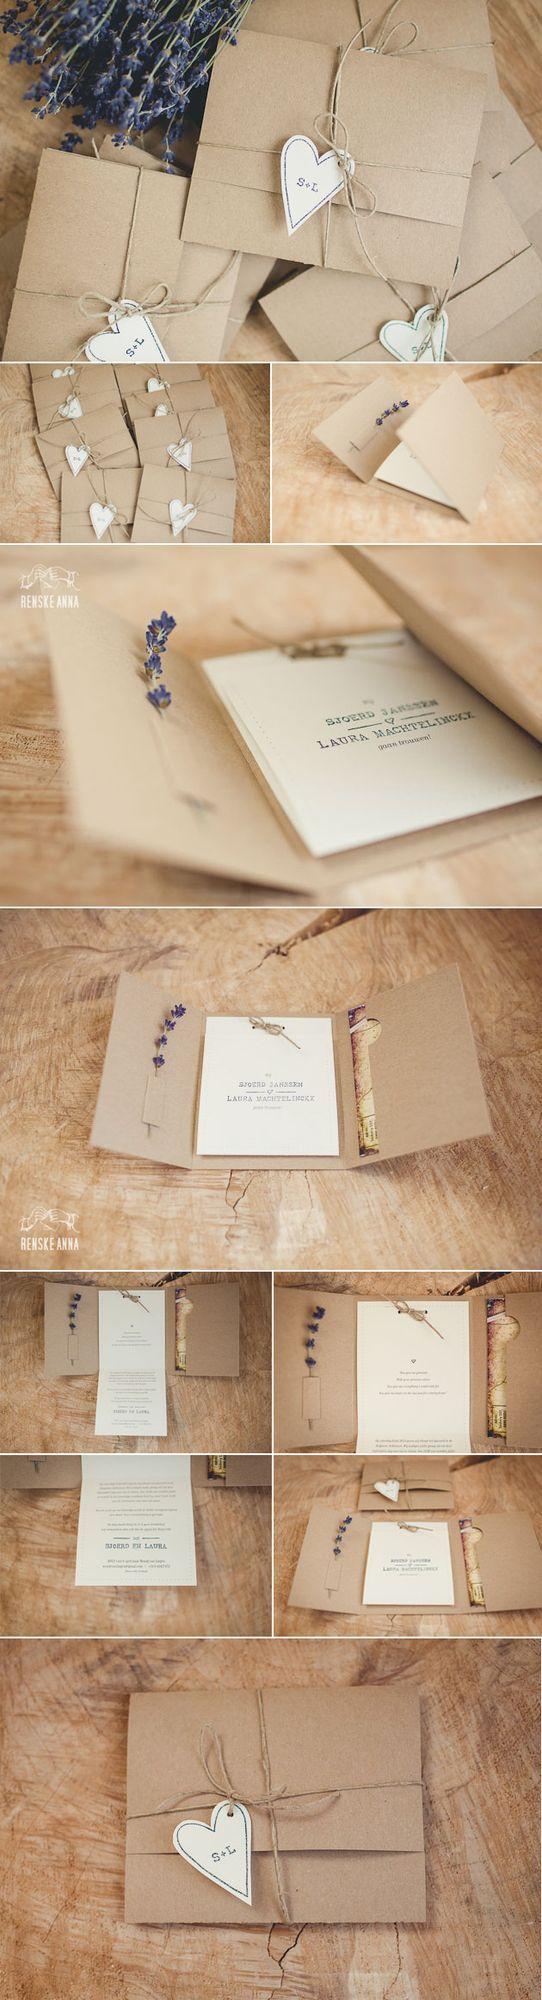 Deze trouwkaart mocht ik ontwerpen voor de bruiloft van Sjoerd en Laura. Rustiek, landelijk, lavendel: deze kernwoorden kreeg ik als uitgangspunt voor het ontwerp. Zelf hou ik van werken met natuurkar